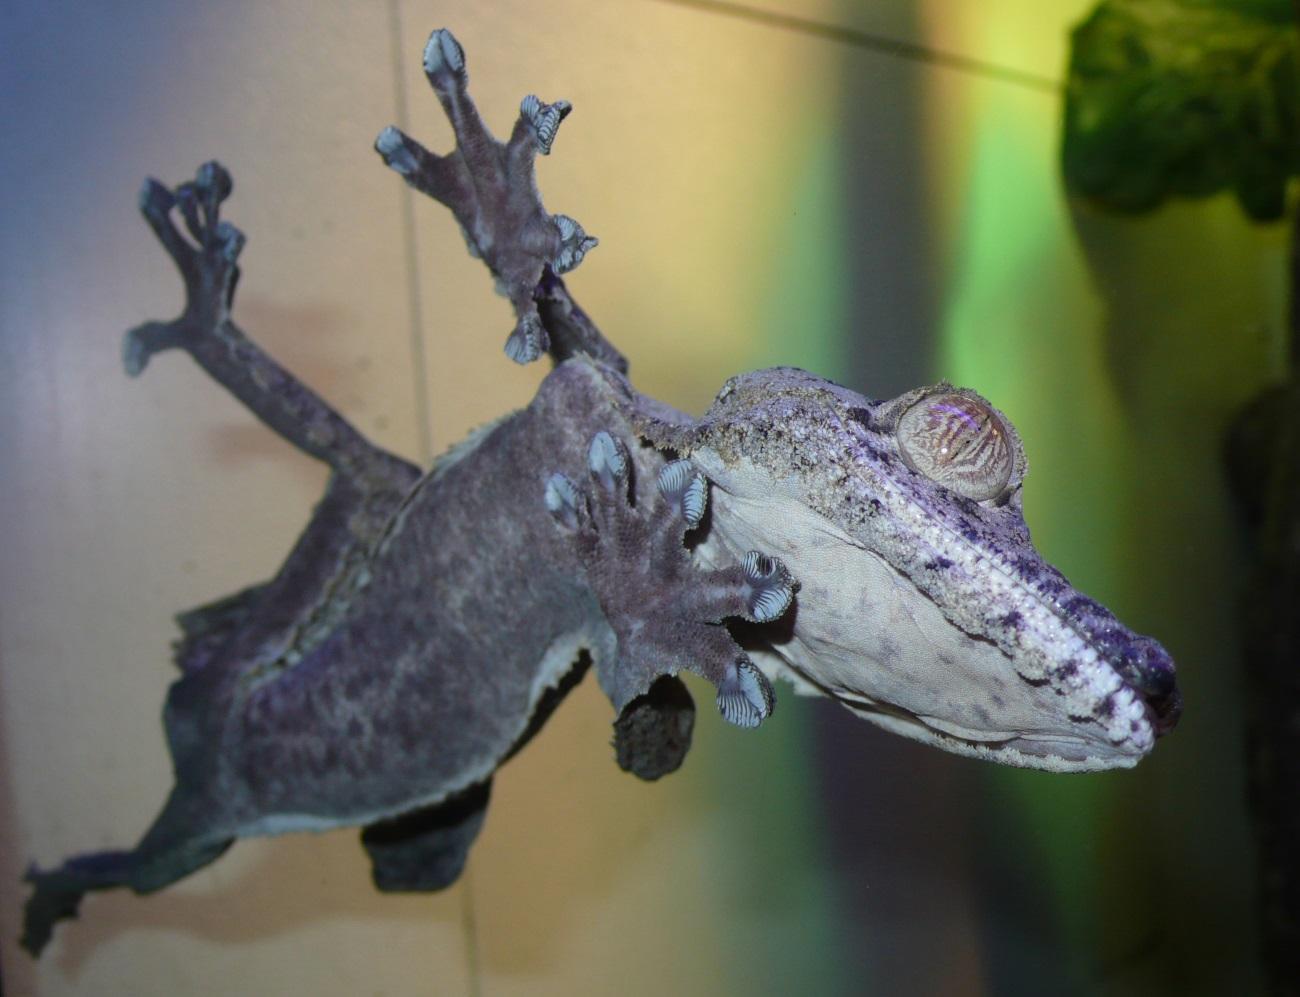 Выдающиеся способности гекконов объяснили другими силами